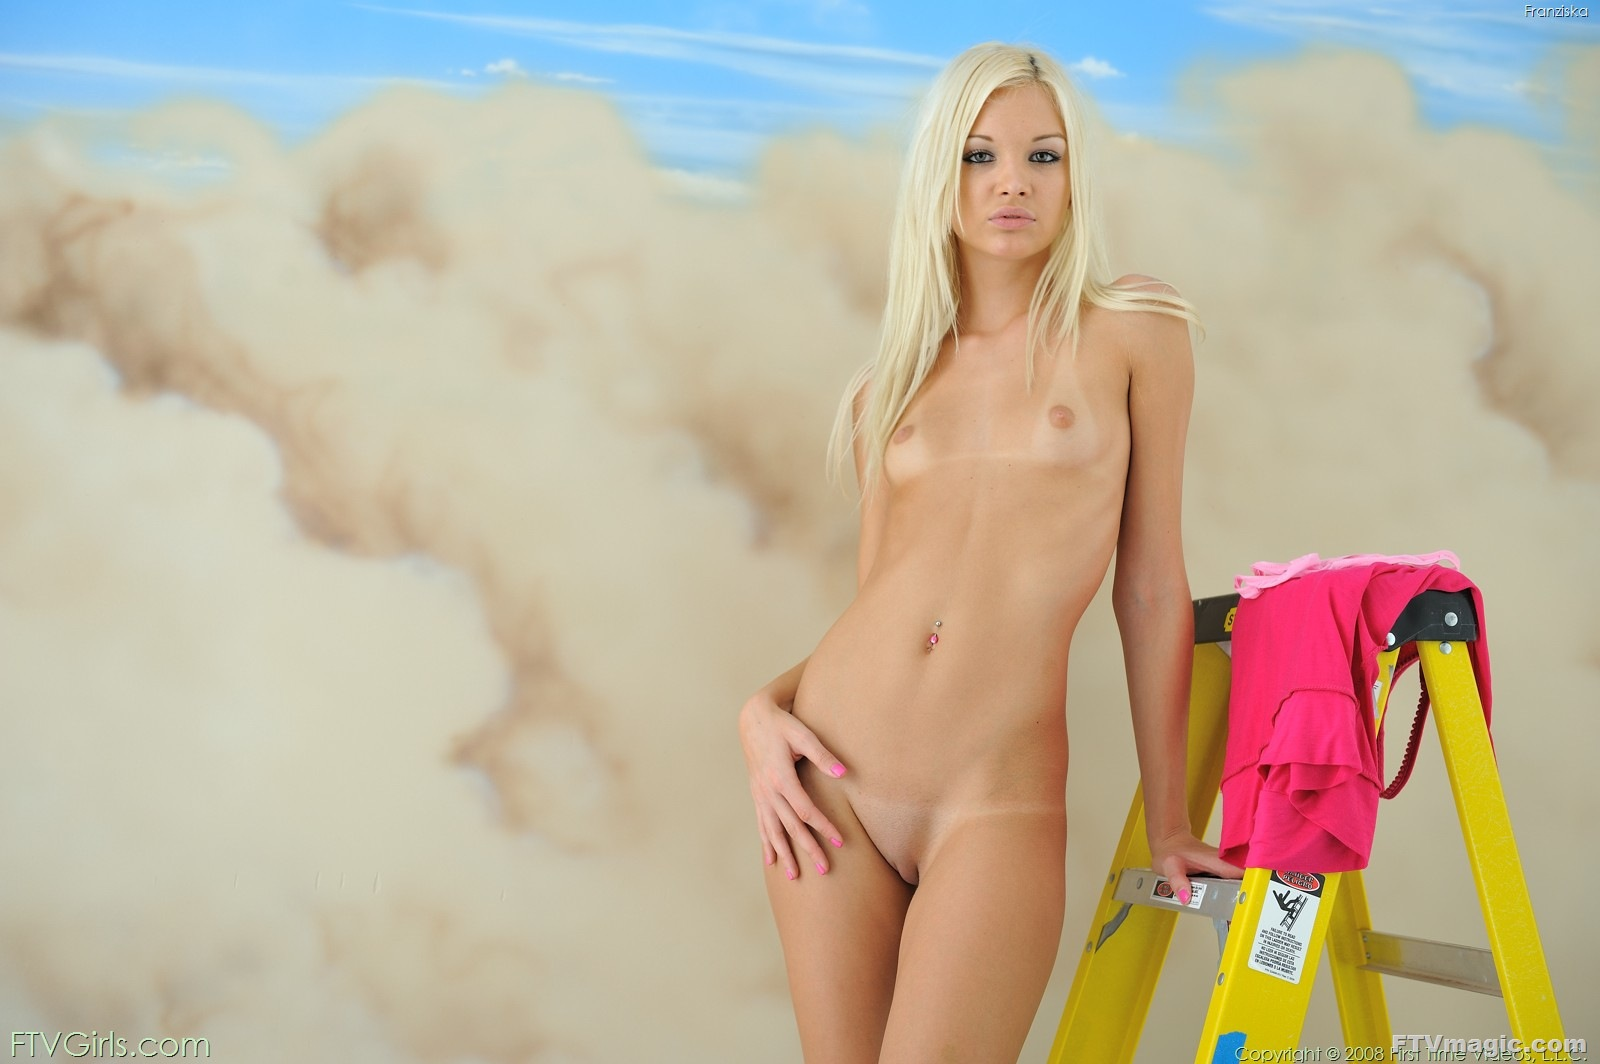 Голая тощая блондинка фото — 13